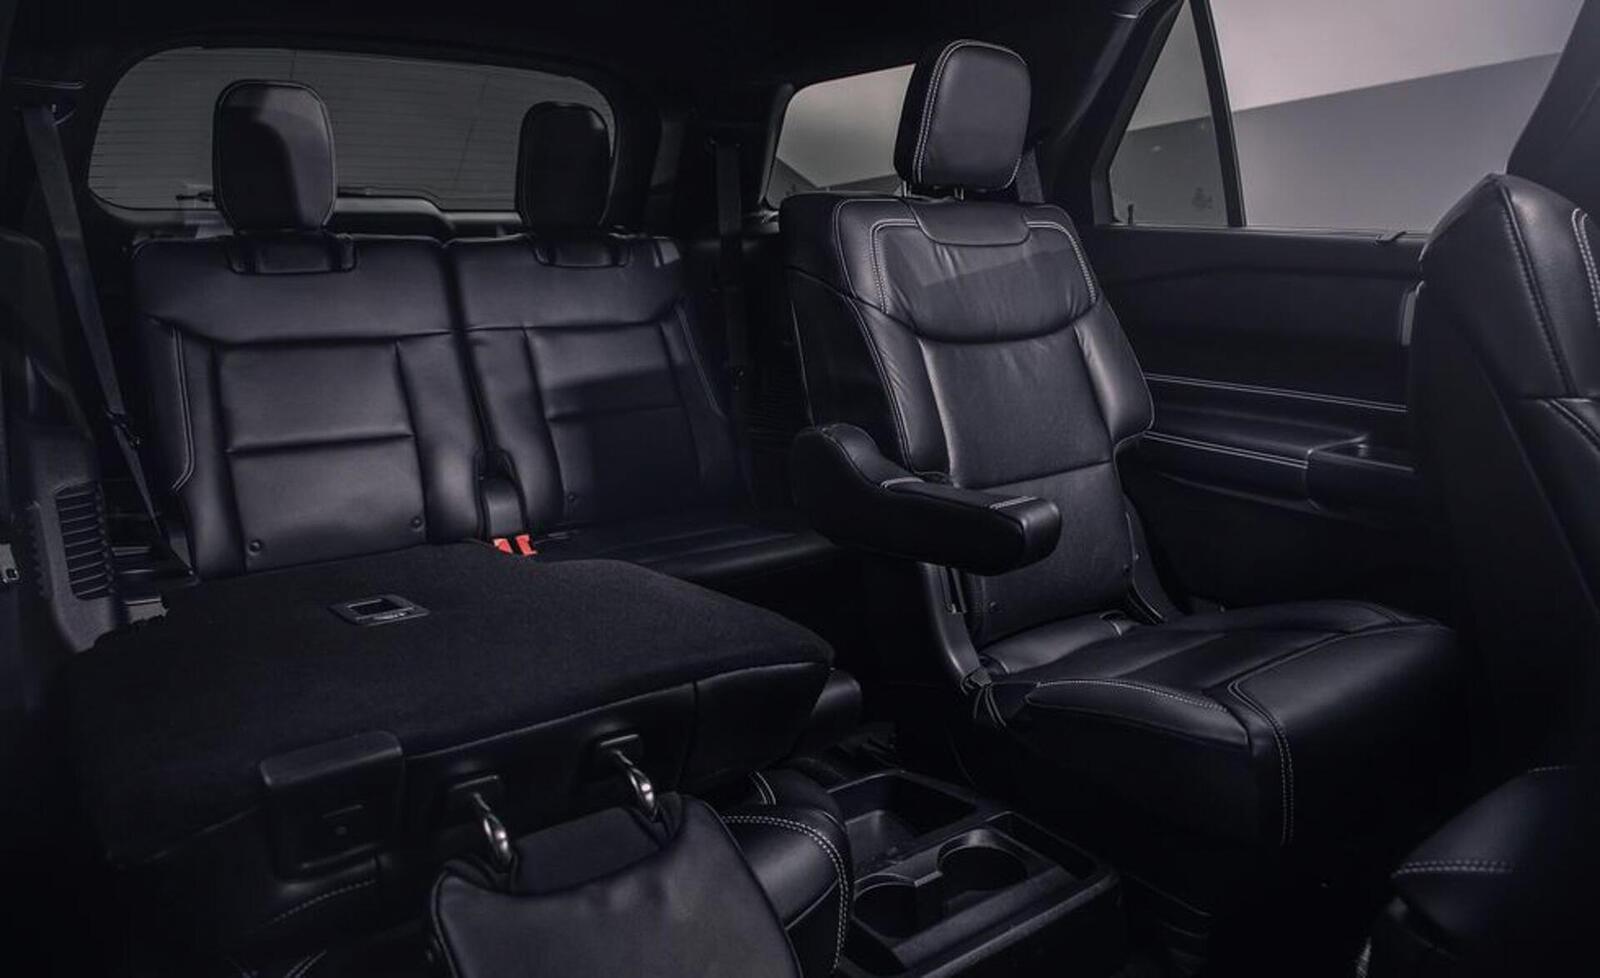 Ford giới thiệu Explorer ST 2020: Phiên bản mạnh nhất lắp máy V6 3.0L tăng áp 400 mã lực - Hình 15